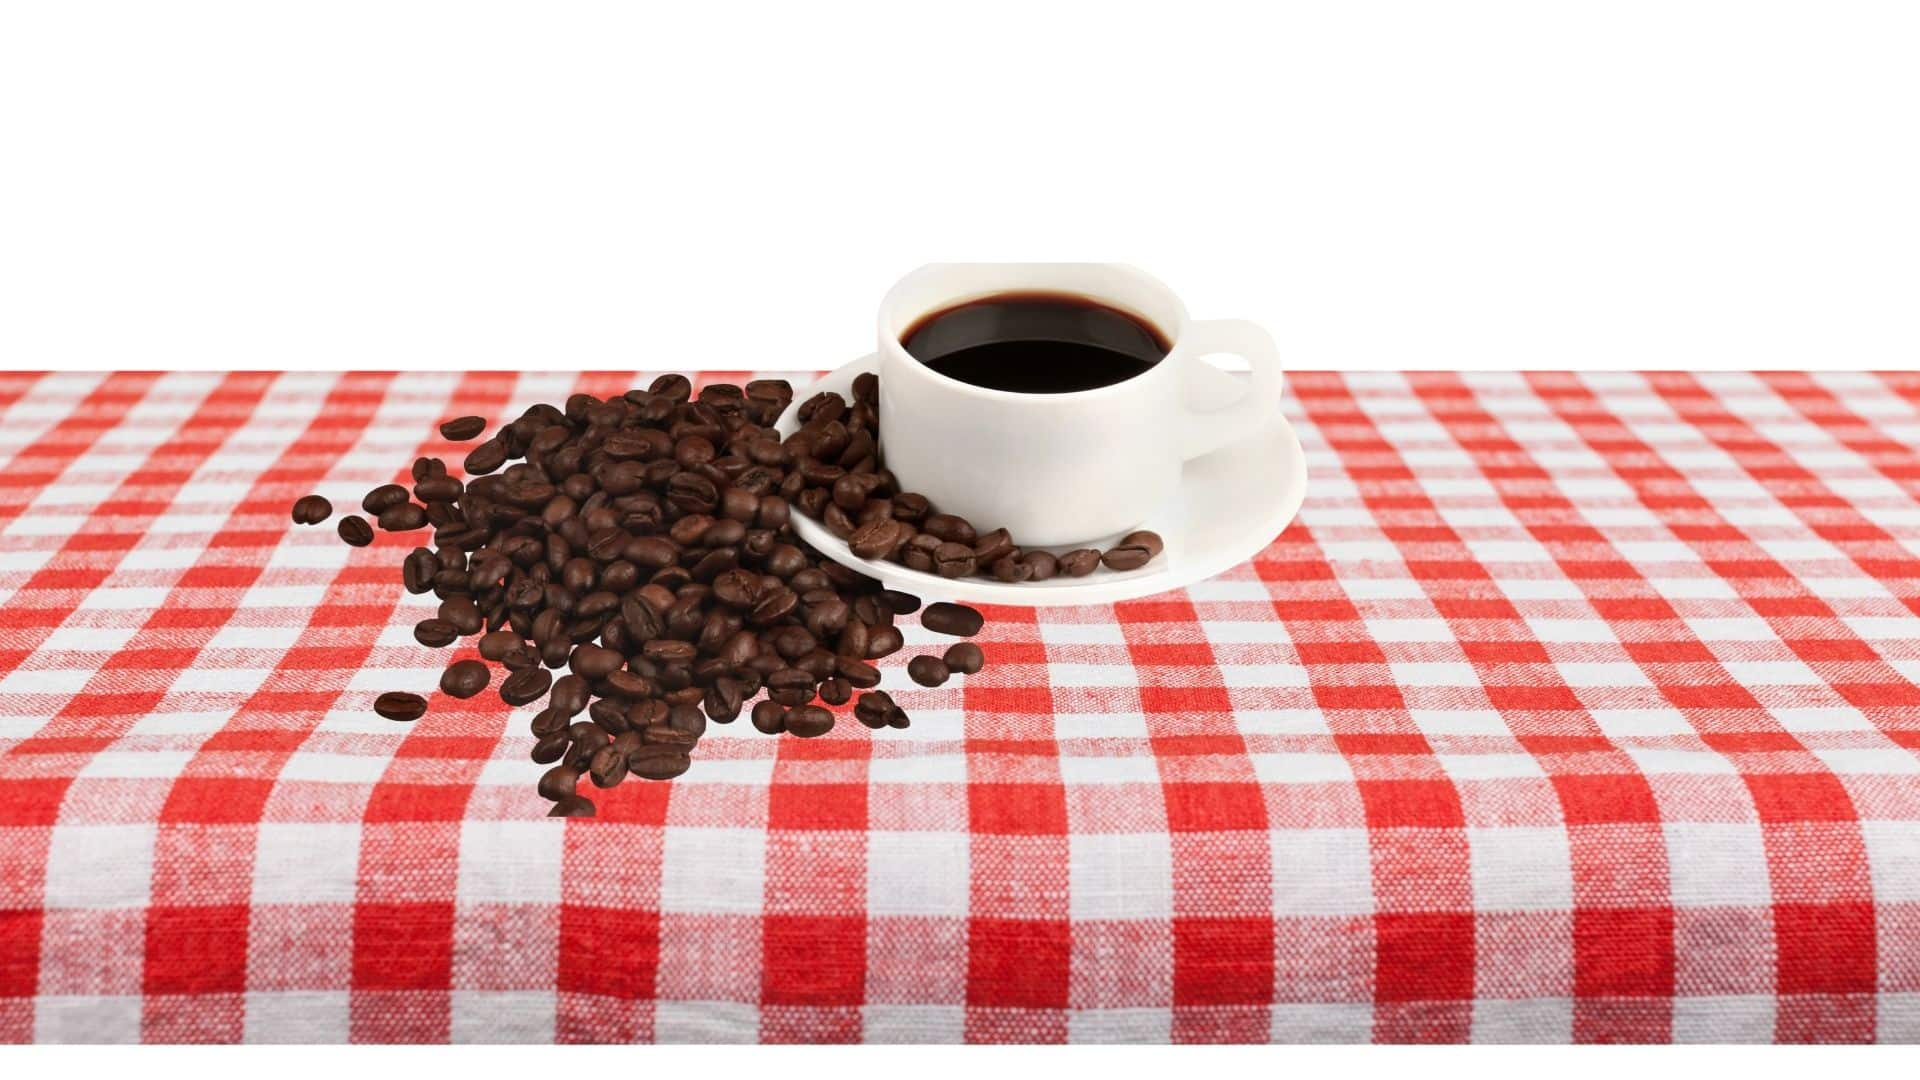 A kávé, csakúgy, mint a piacon lévő bármely más étel vagy ital, néhány ember számára mellékhatásokkal járhat. Becslések szerint az amerikaiak 20% -a valamilyen ételintoleranciában szenved. A kávéval szembeni intolerancia, kávé allergia nem olyan ritka, és másként nyilvánulhat meg. A kávé allergia ritkább, de nem hallatlan. A reakciók, függetlenül attól, hogy allergiásak, vagy intoleranciák, a kávéban lévő vegyületekből, vagy magából a koffeinből származhatnak. Az élelmiszer-intolerancia, legyen szó kávéról, vagy más elfogyasztott dolgokról, gyakran késleltetett reakció az élelmiszerben lévő vegyületekre. Az kávé allergia immunreakció, amely tipikusan a hisztamin felszabadulását okozza.